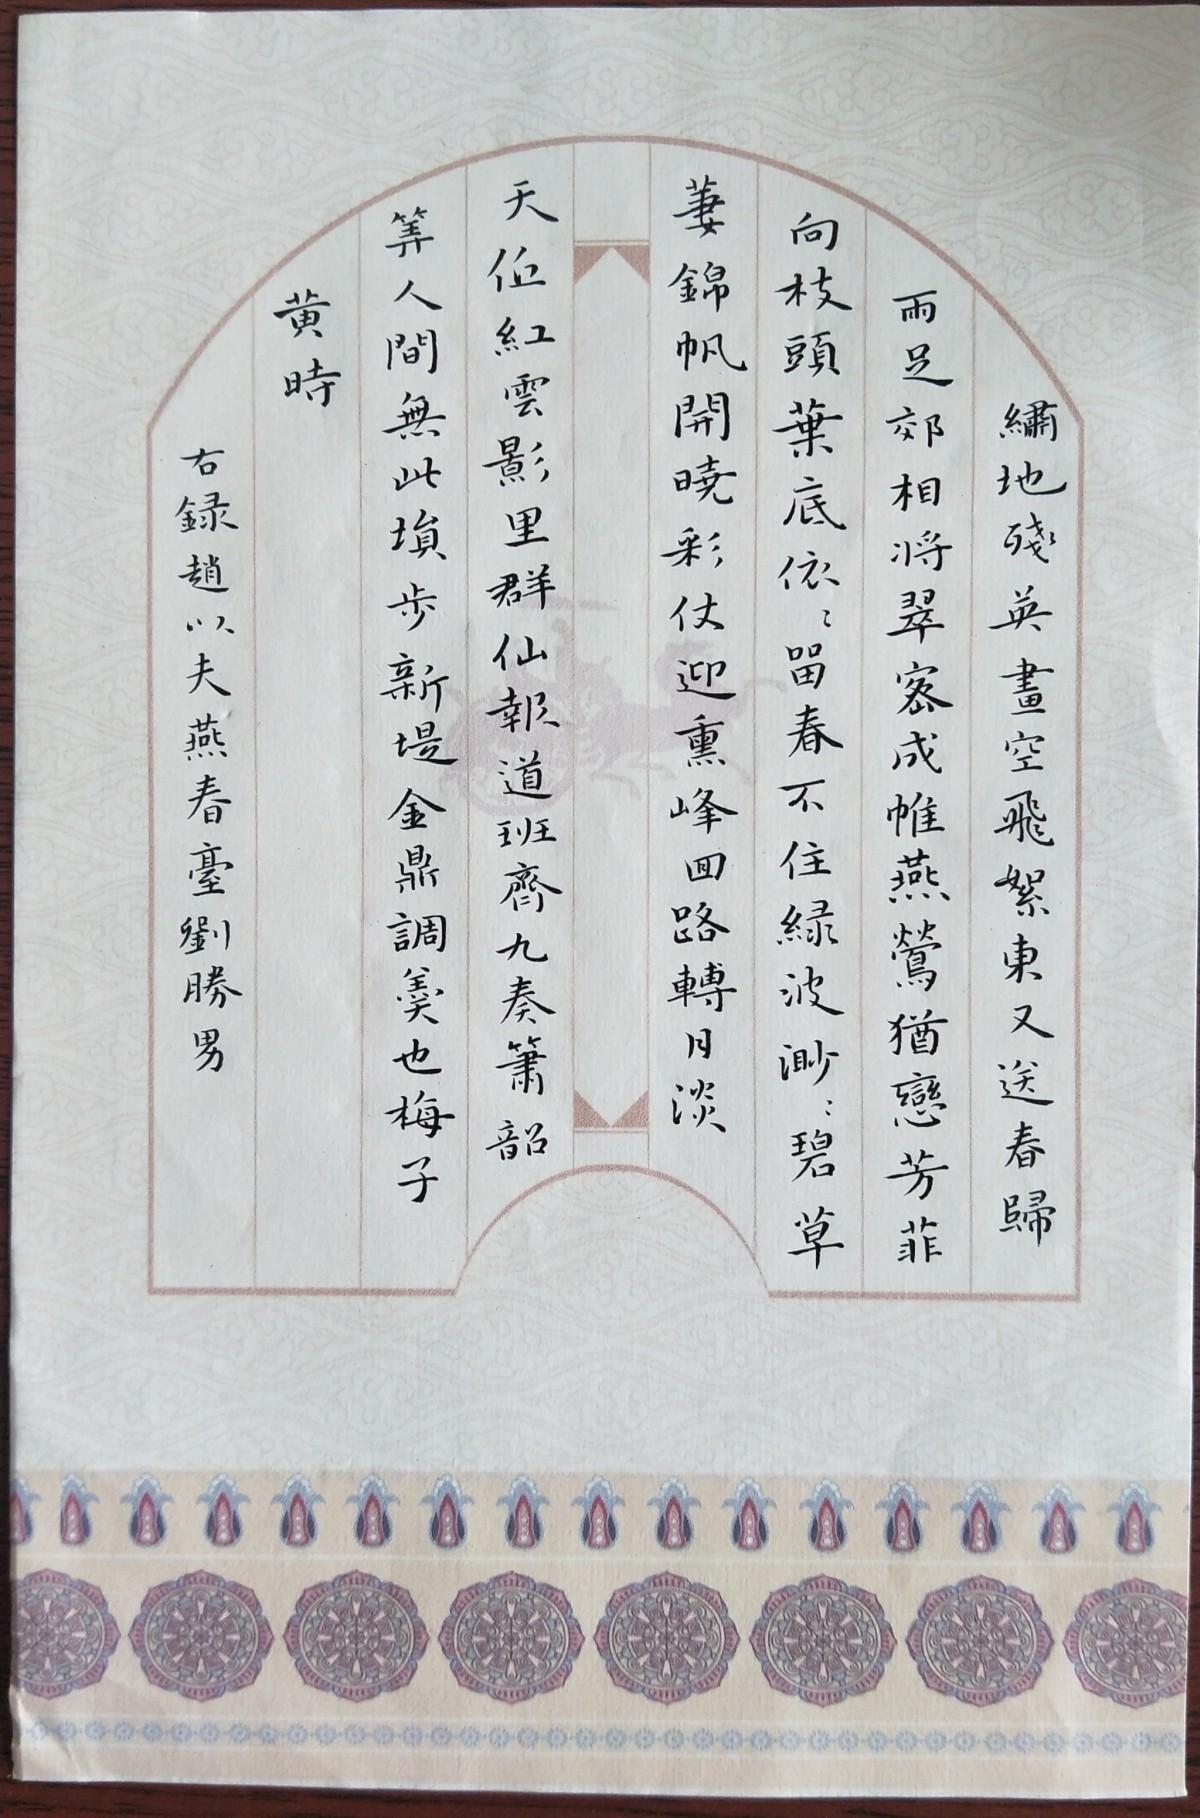 钢笔书法练字打卡20210817-23